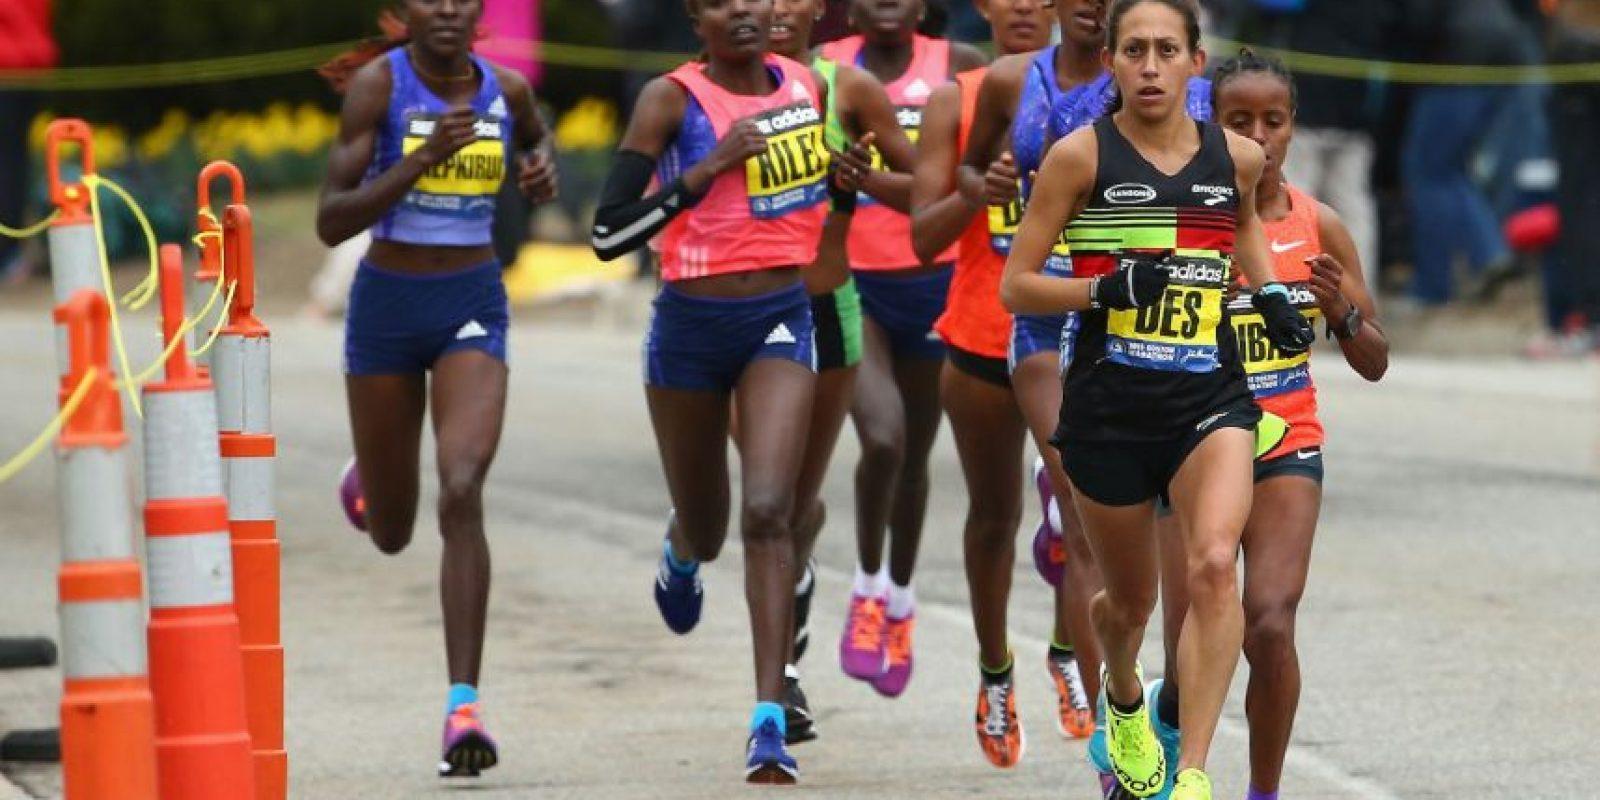 A dos años del atentado contra el Maratón de Boston se celebró la 119 edición. Foto:Getty Images